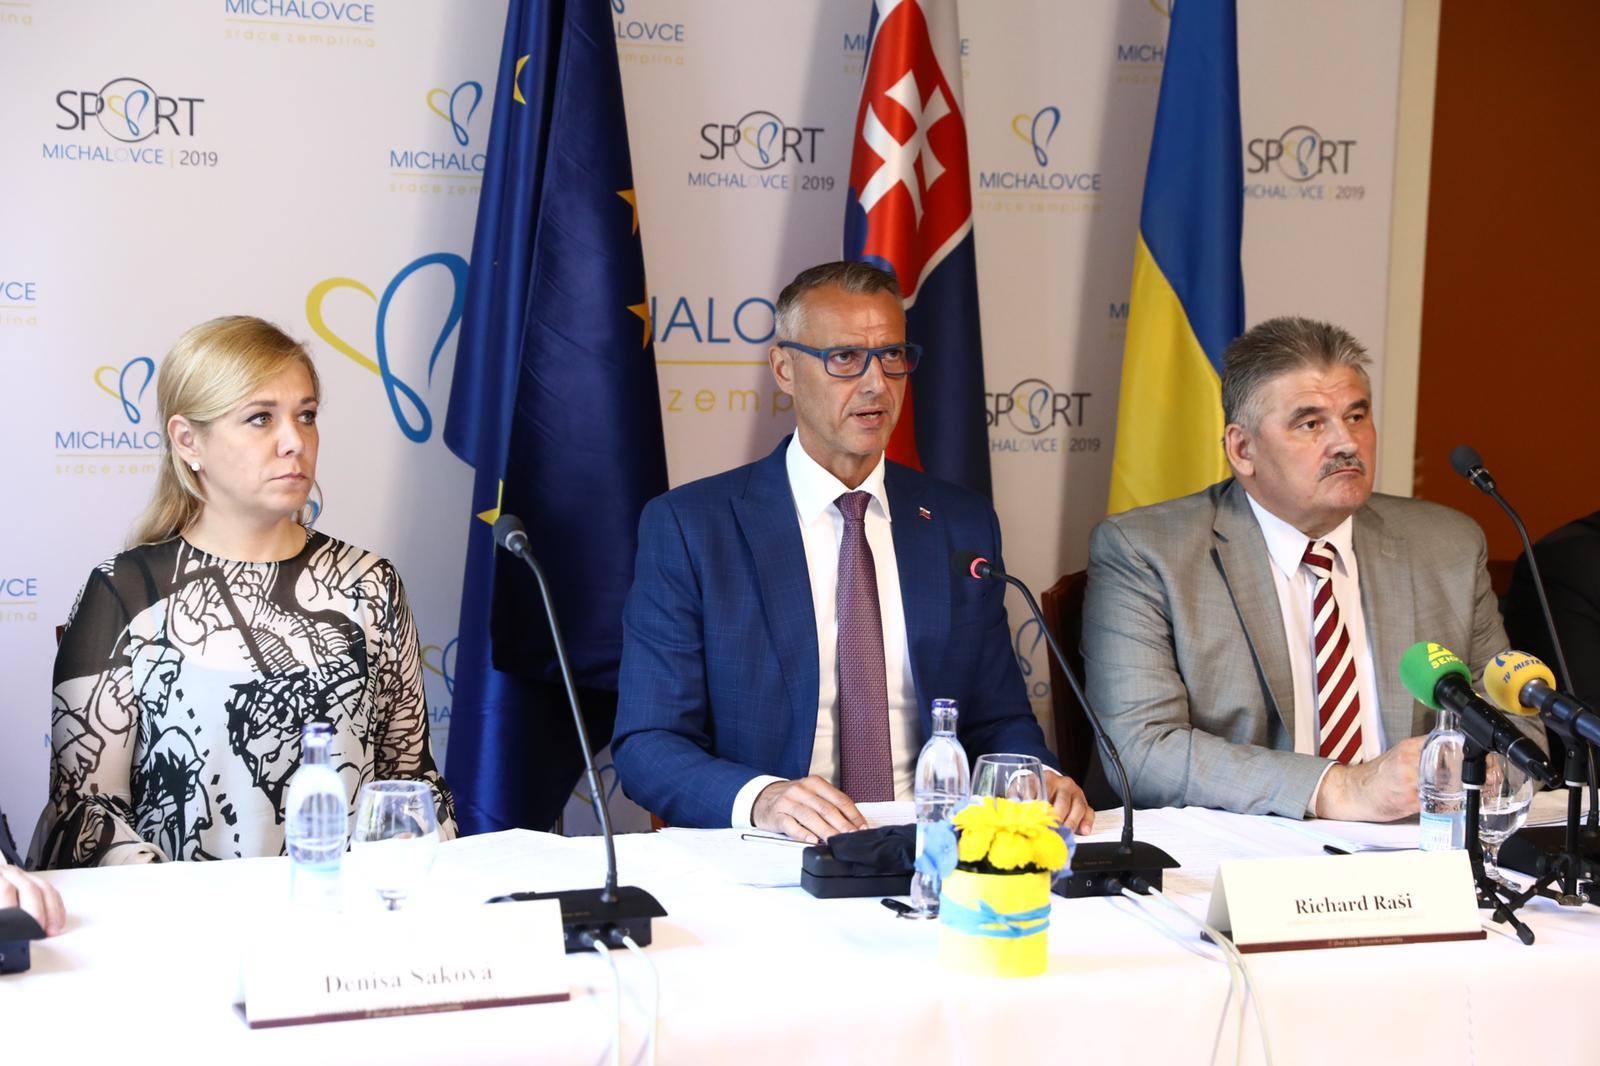 Pre Michalovce vyčlenila vláda dotáciu 1,6 mil. eur, pre Stropkov takmer 1,2 milióna eur